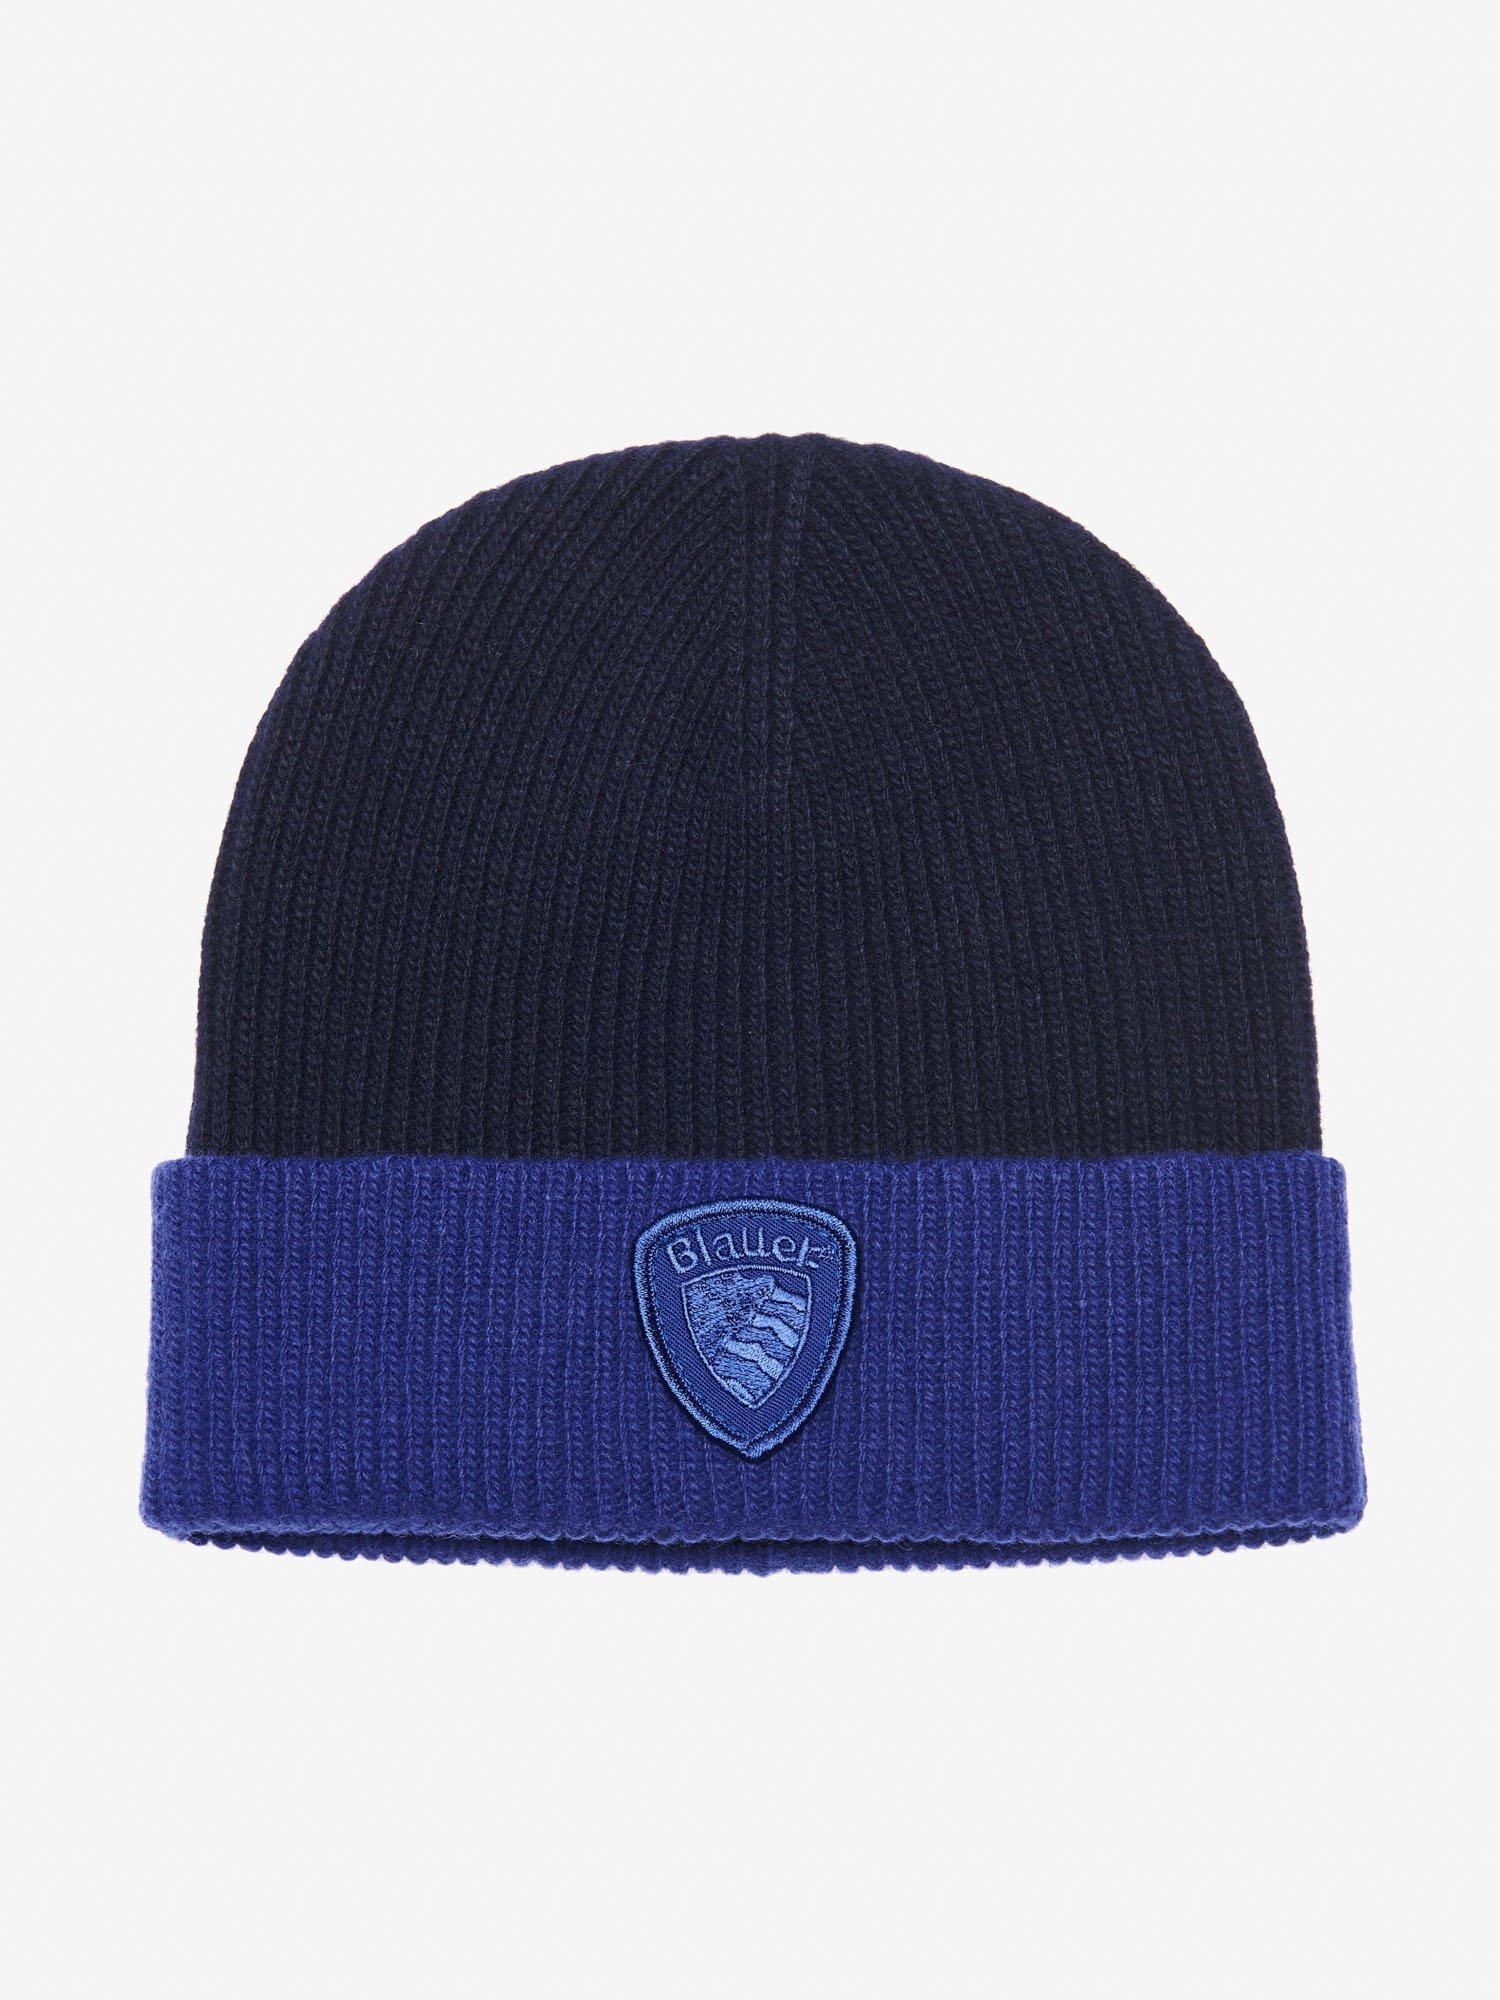 Blauer - TWO-TONE CAP - Dark Night Blue - Blauer